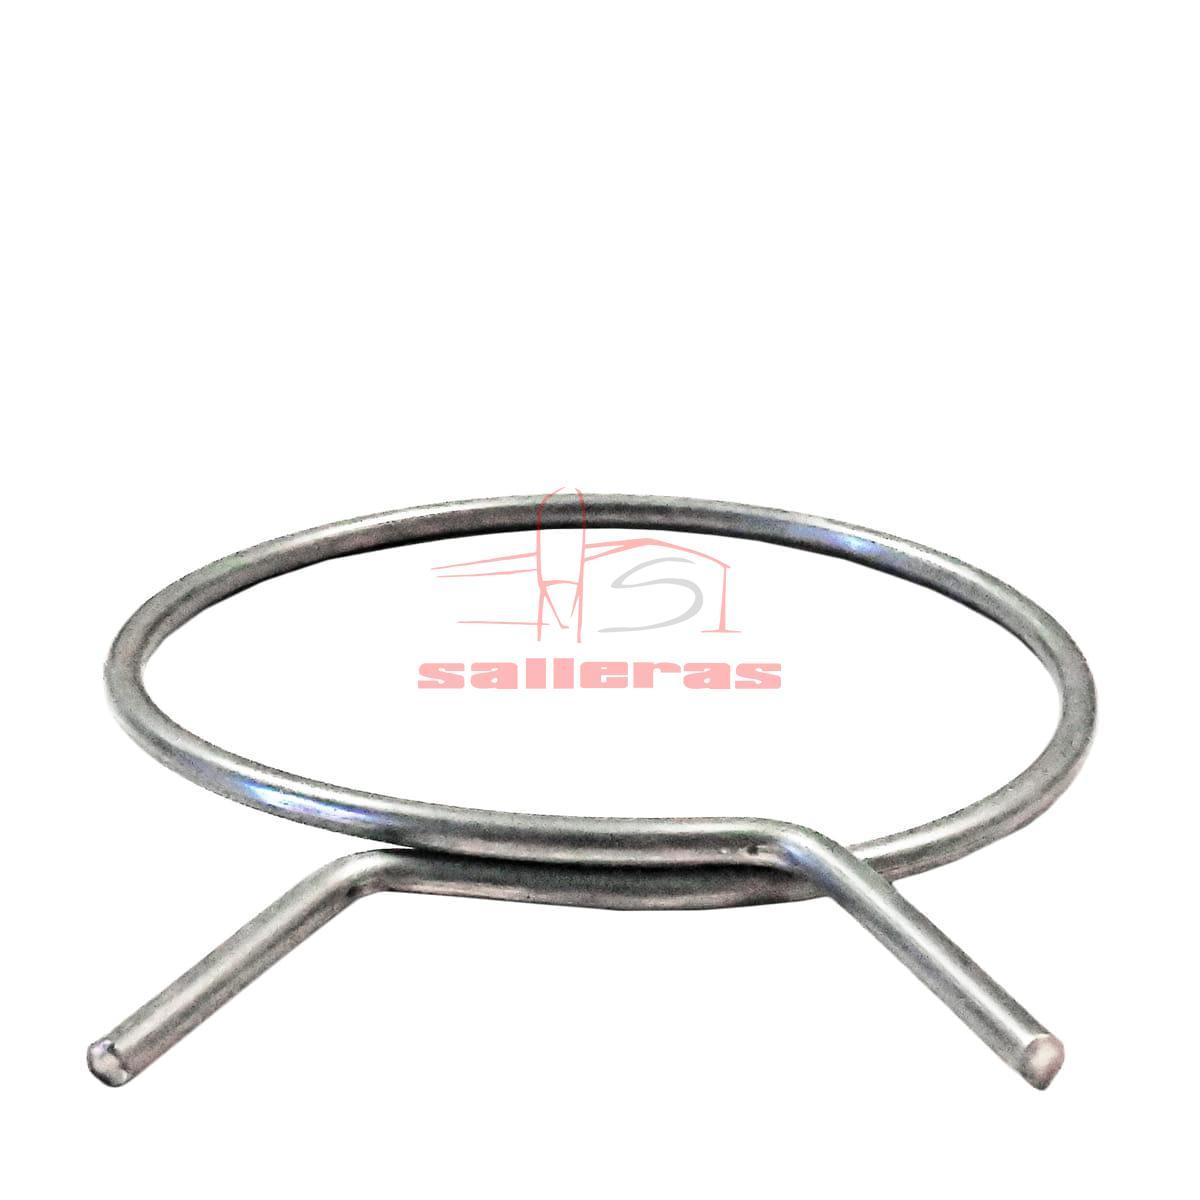 Collarin de acero inoxidable circular de lado